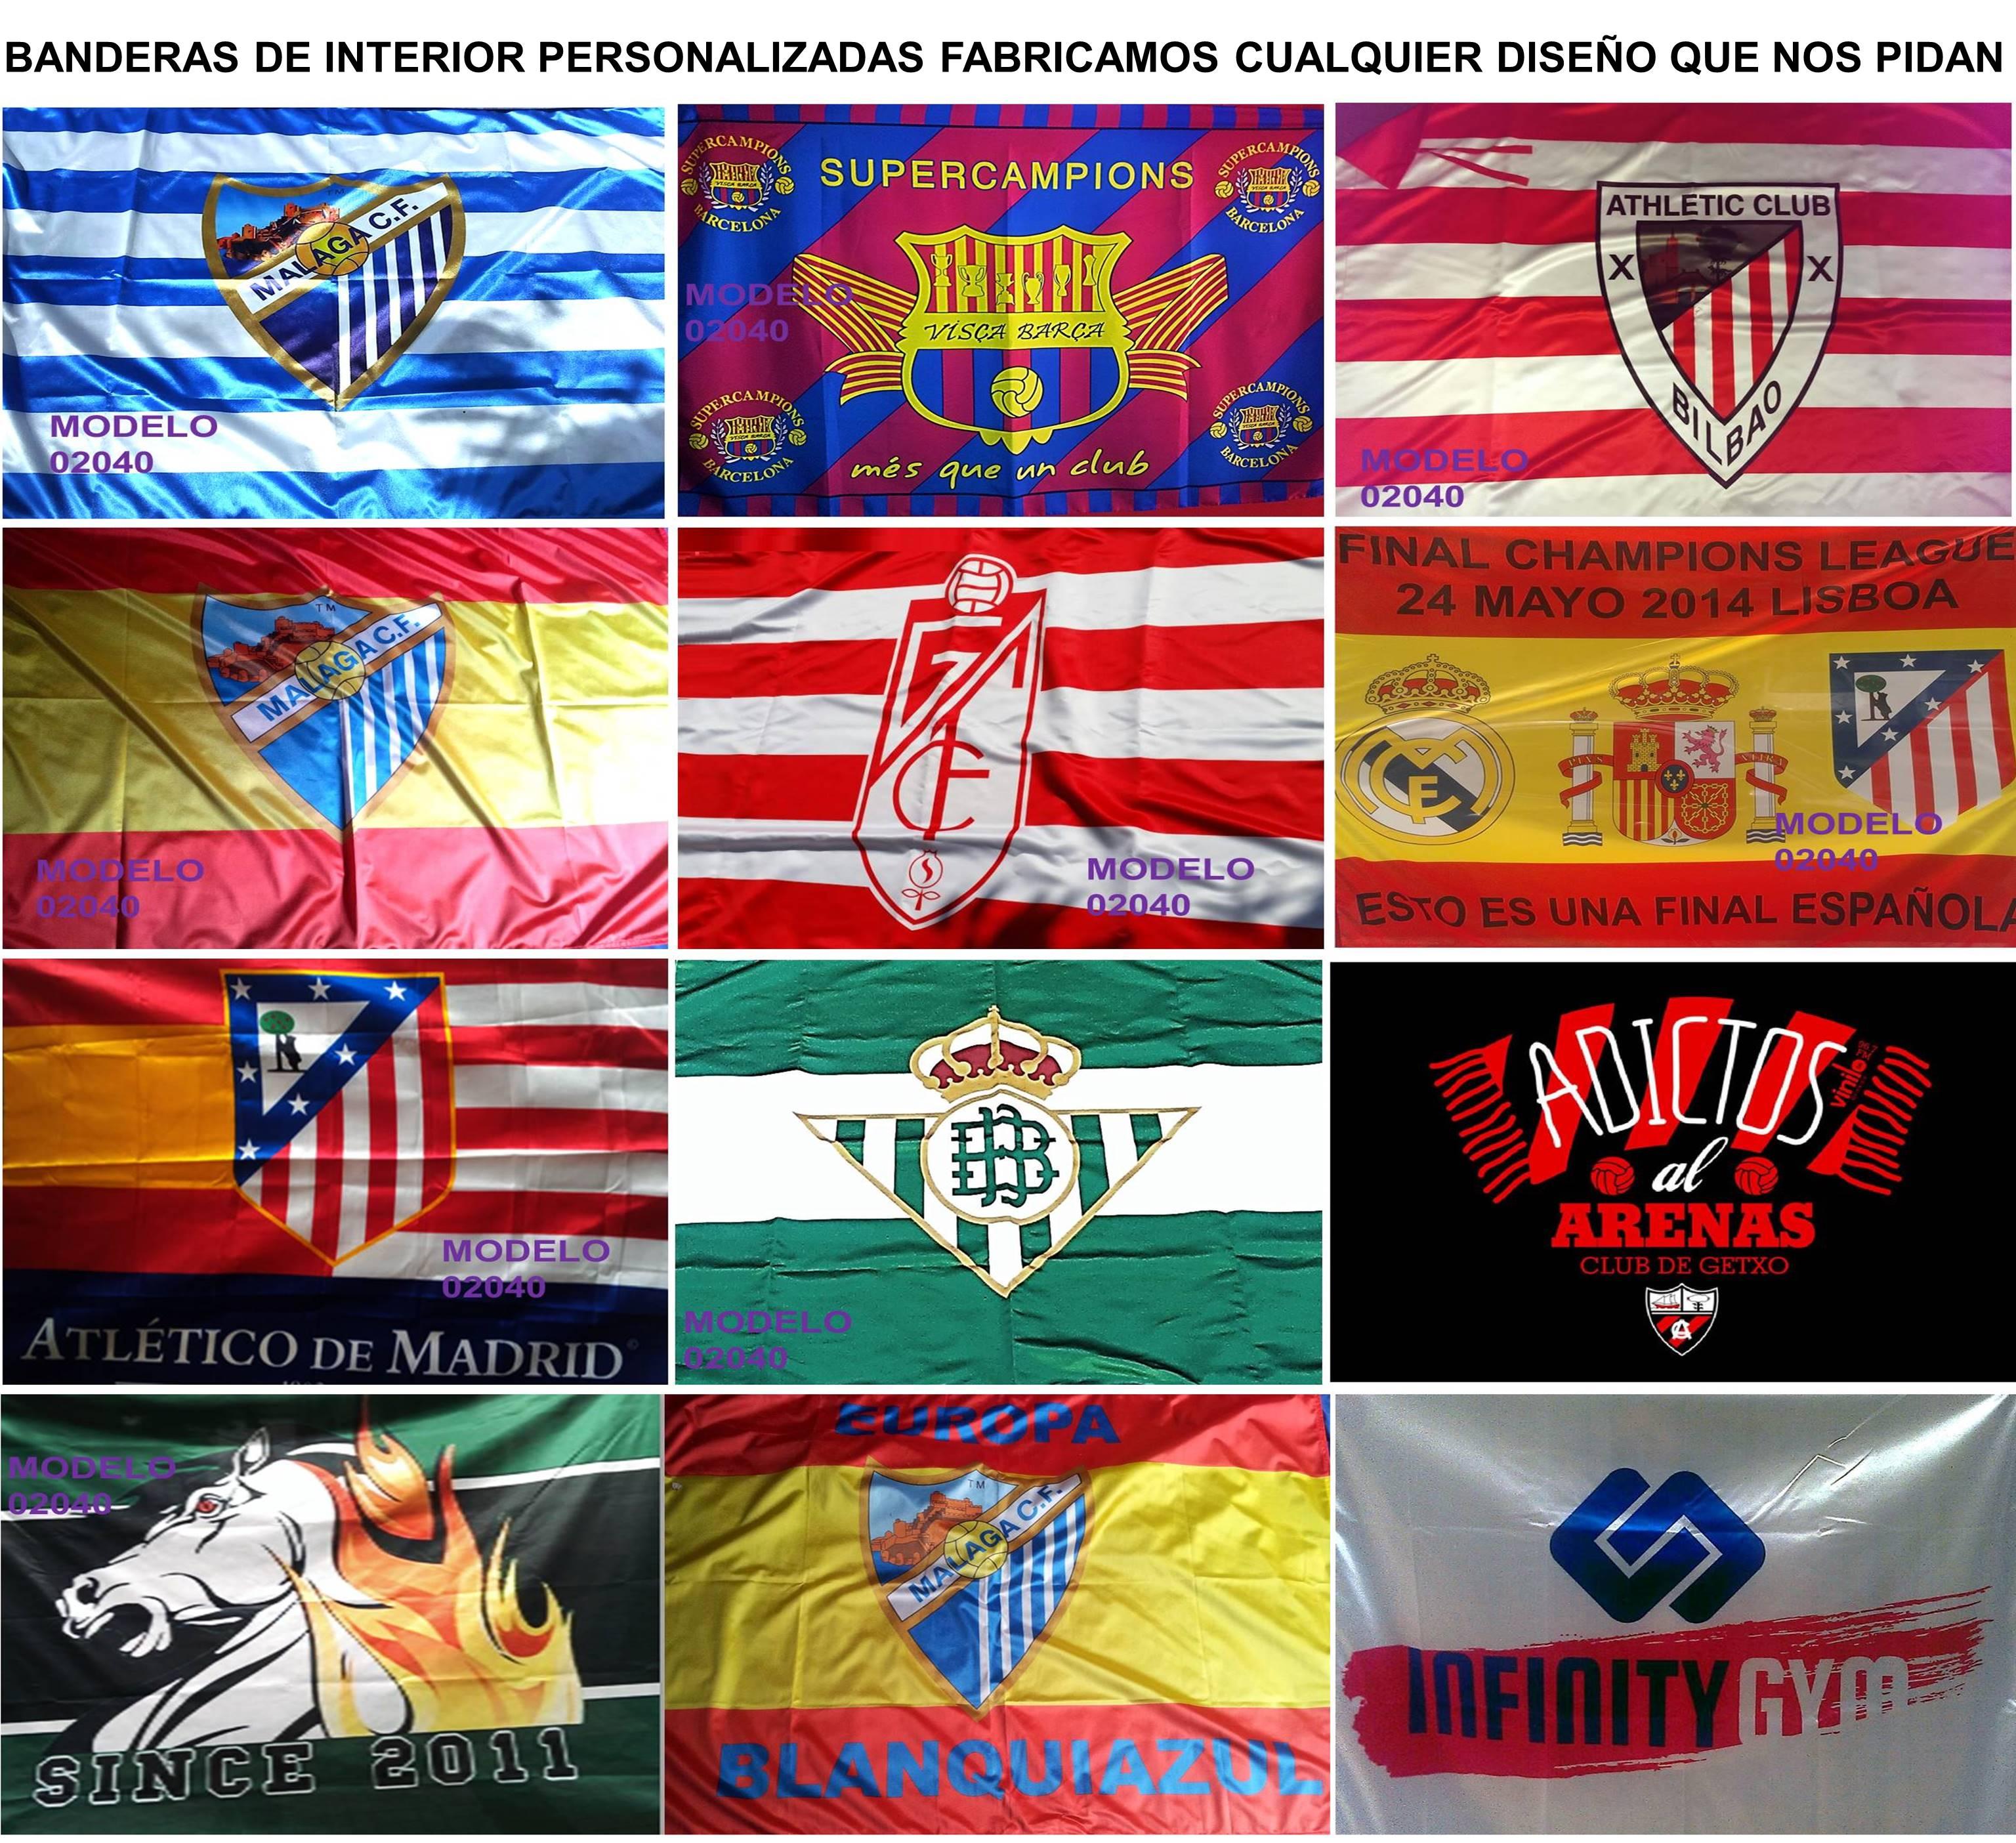 Banderas de interior personalizadas